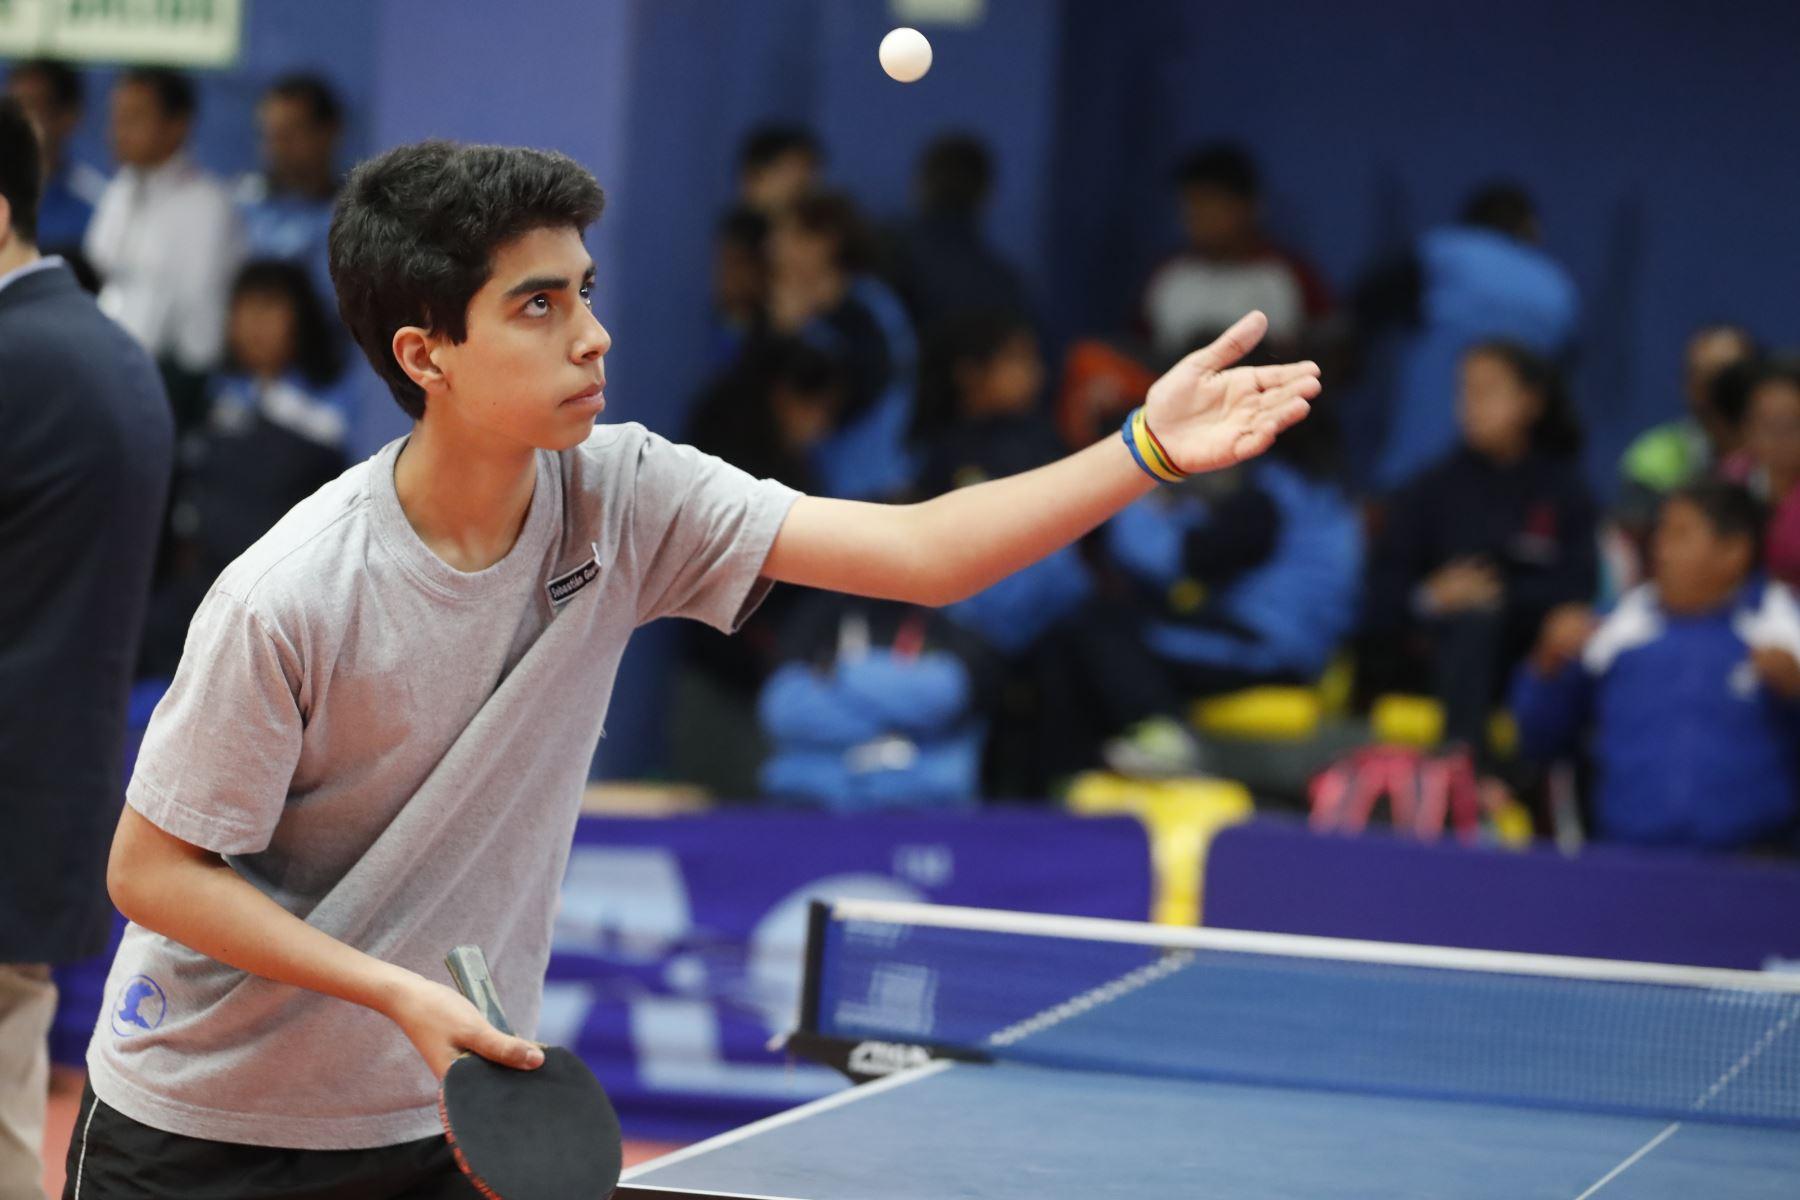 Armando Guevara Sujey del Colegio Santa Margarita de Lima participa en categoría Tenis de Mesa de los Juegos Escolares 2019. Foto: ANDINA/Renato Pajuelo